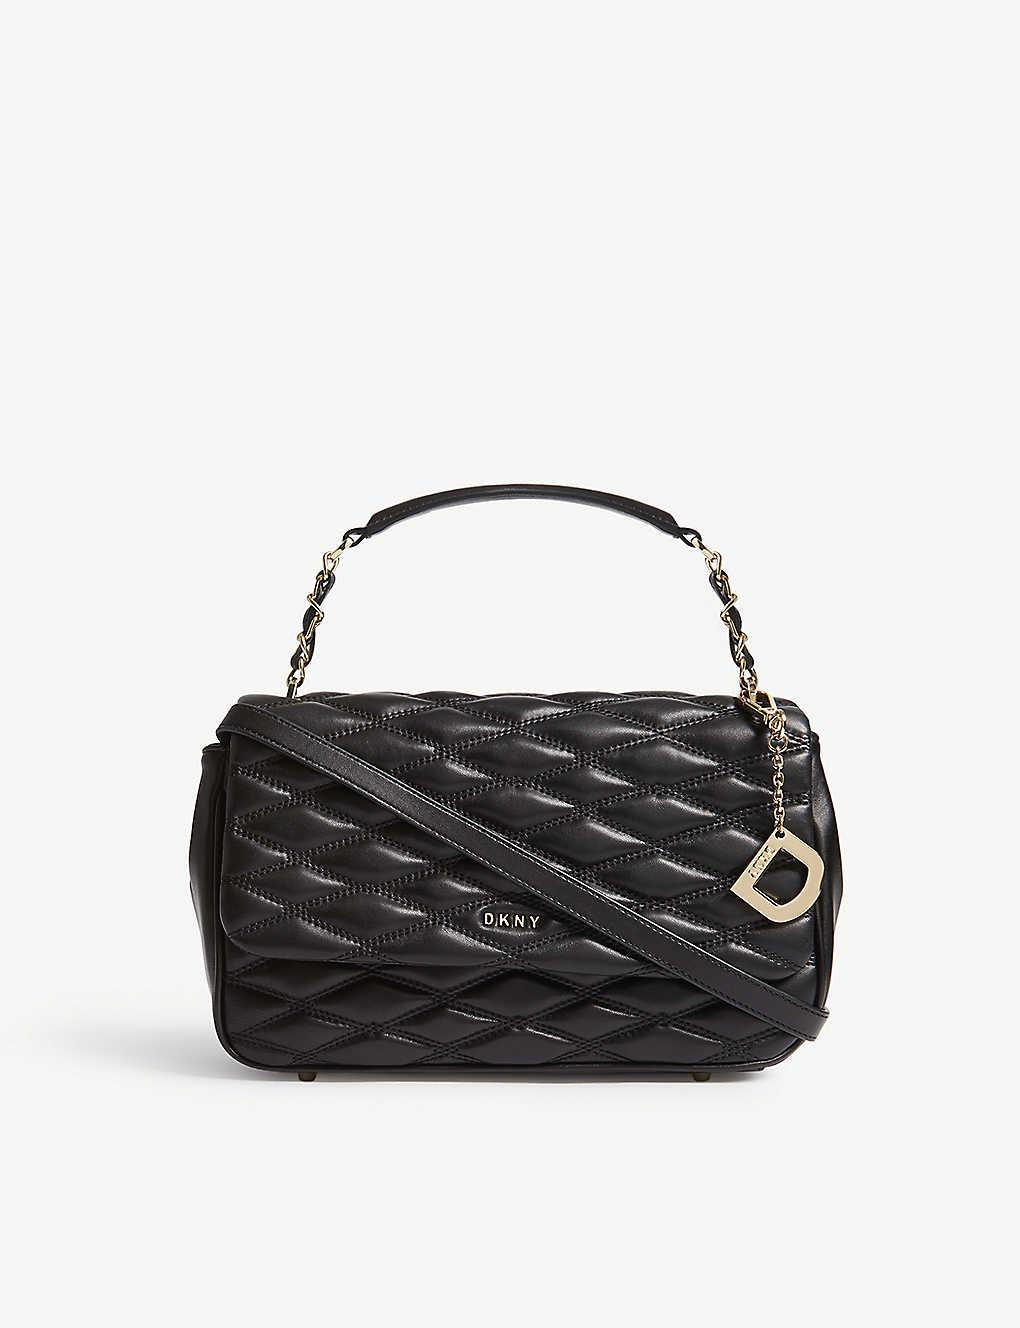 6bff7df9a DKNY - Quilted leather shoulder bag | Selfridges.com